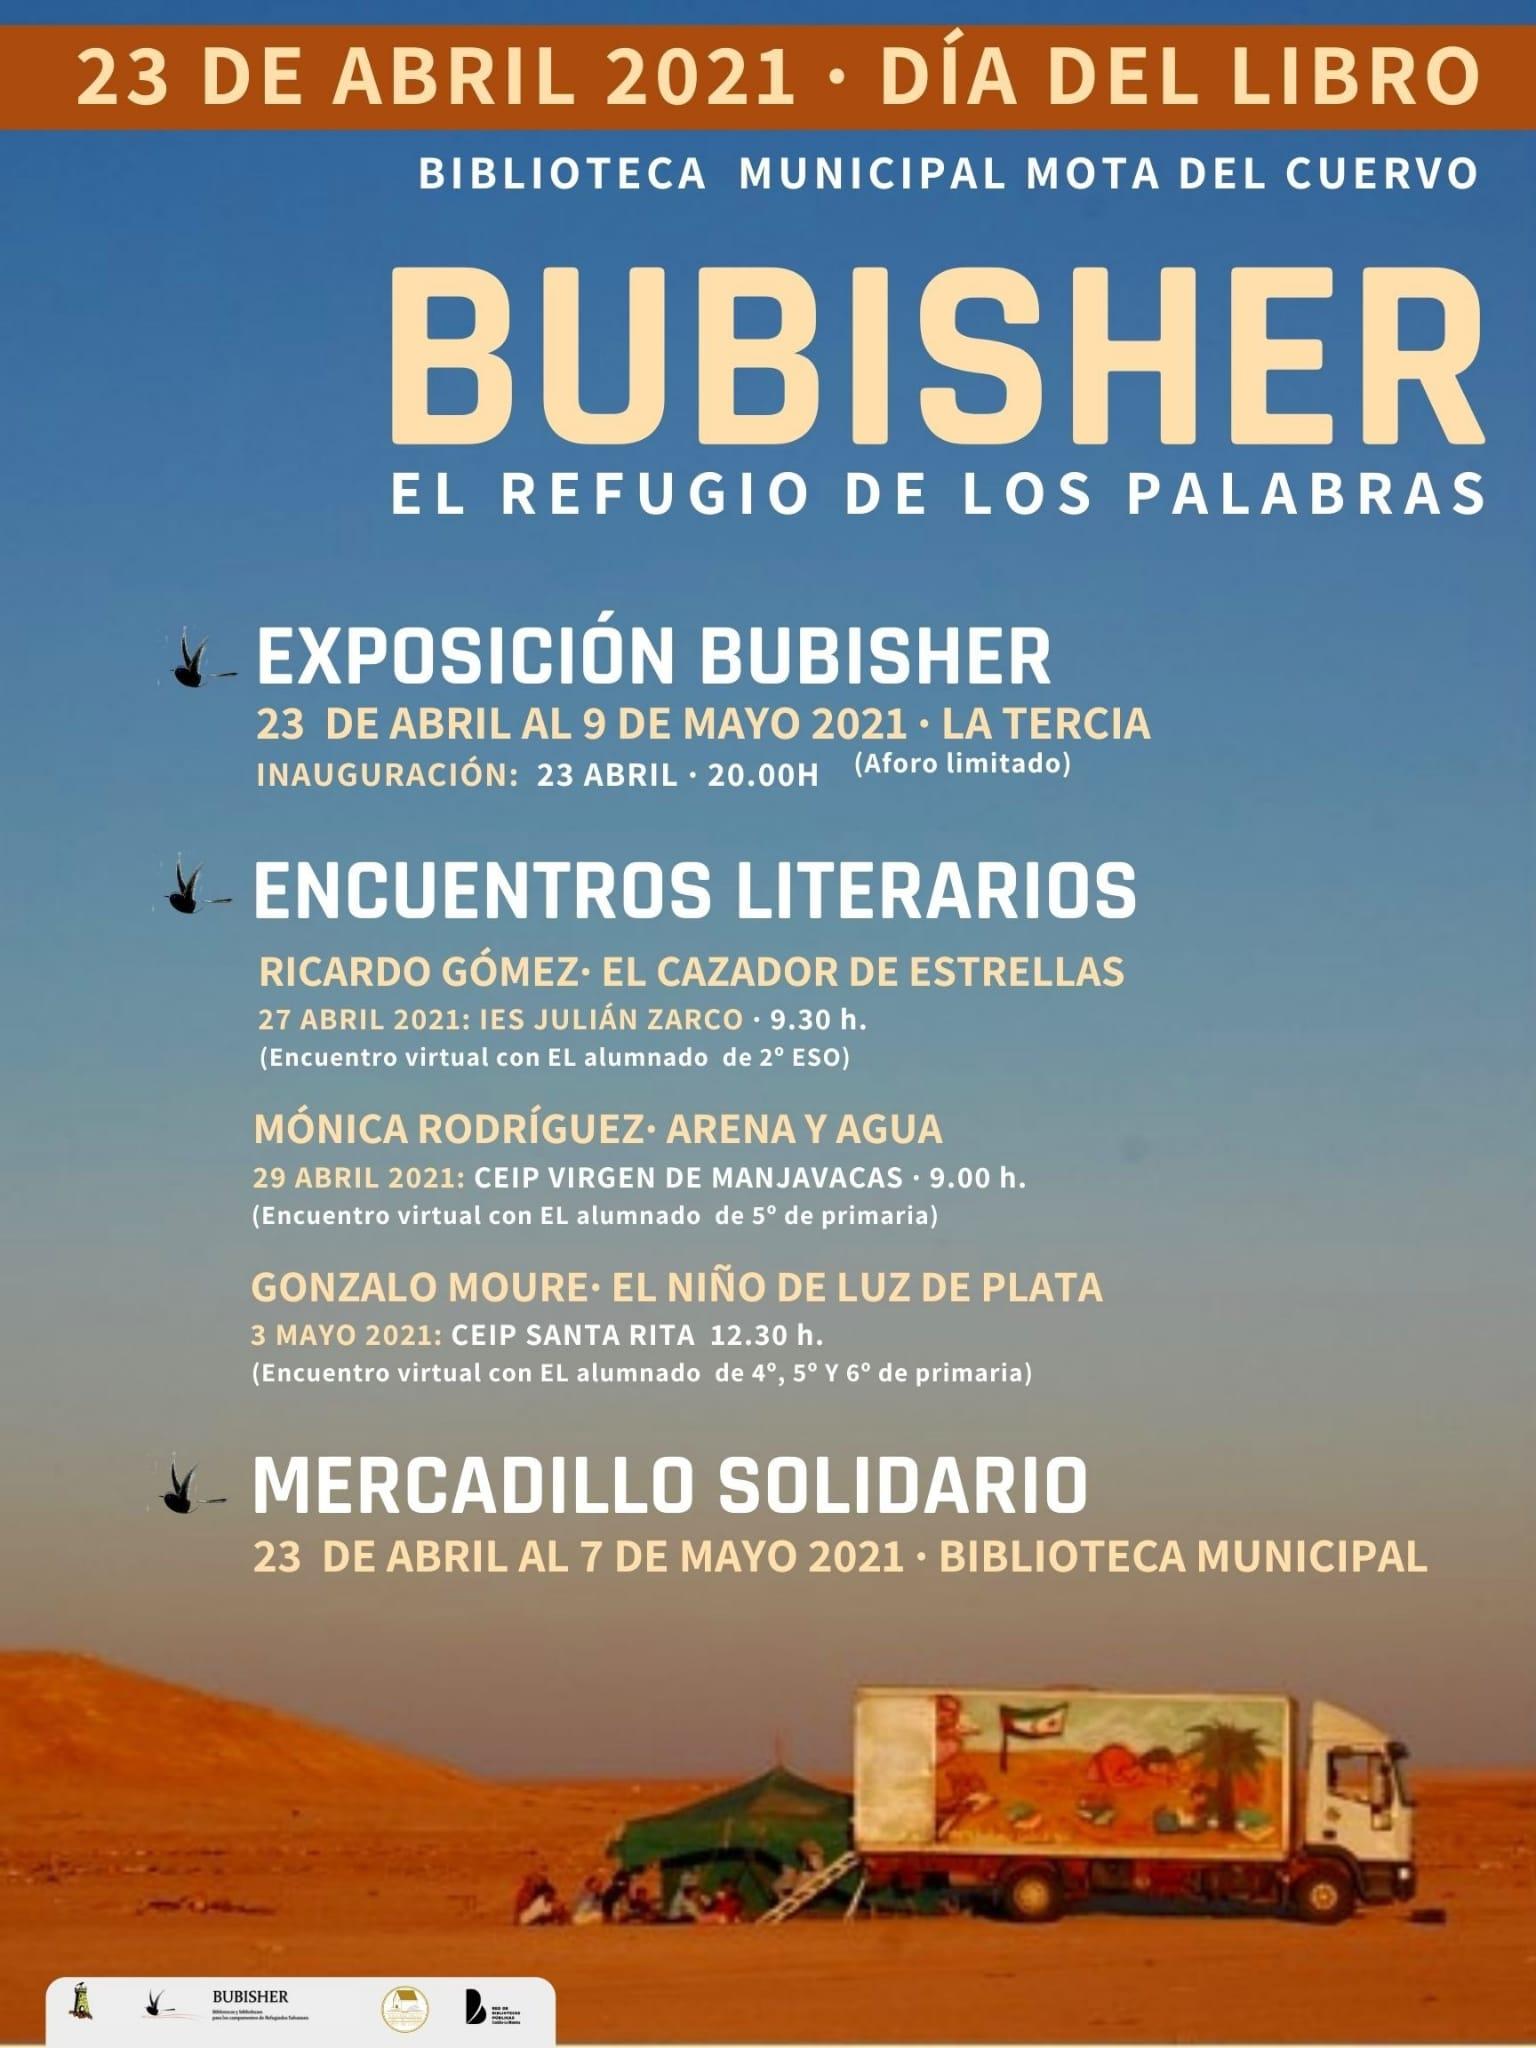 BUBISHER: EL REFUGIO DE LAS PALABRAS